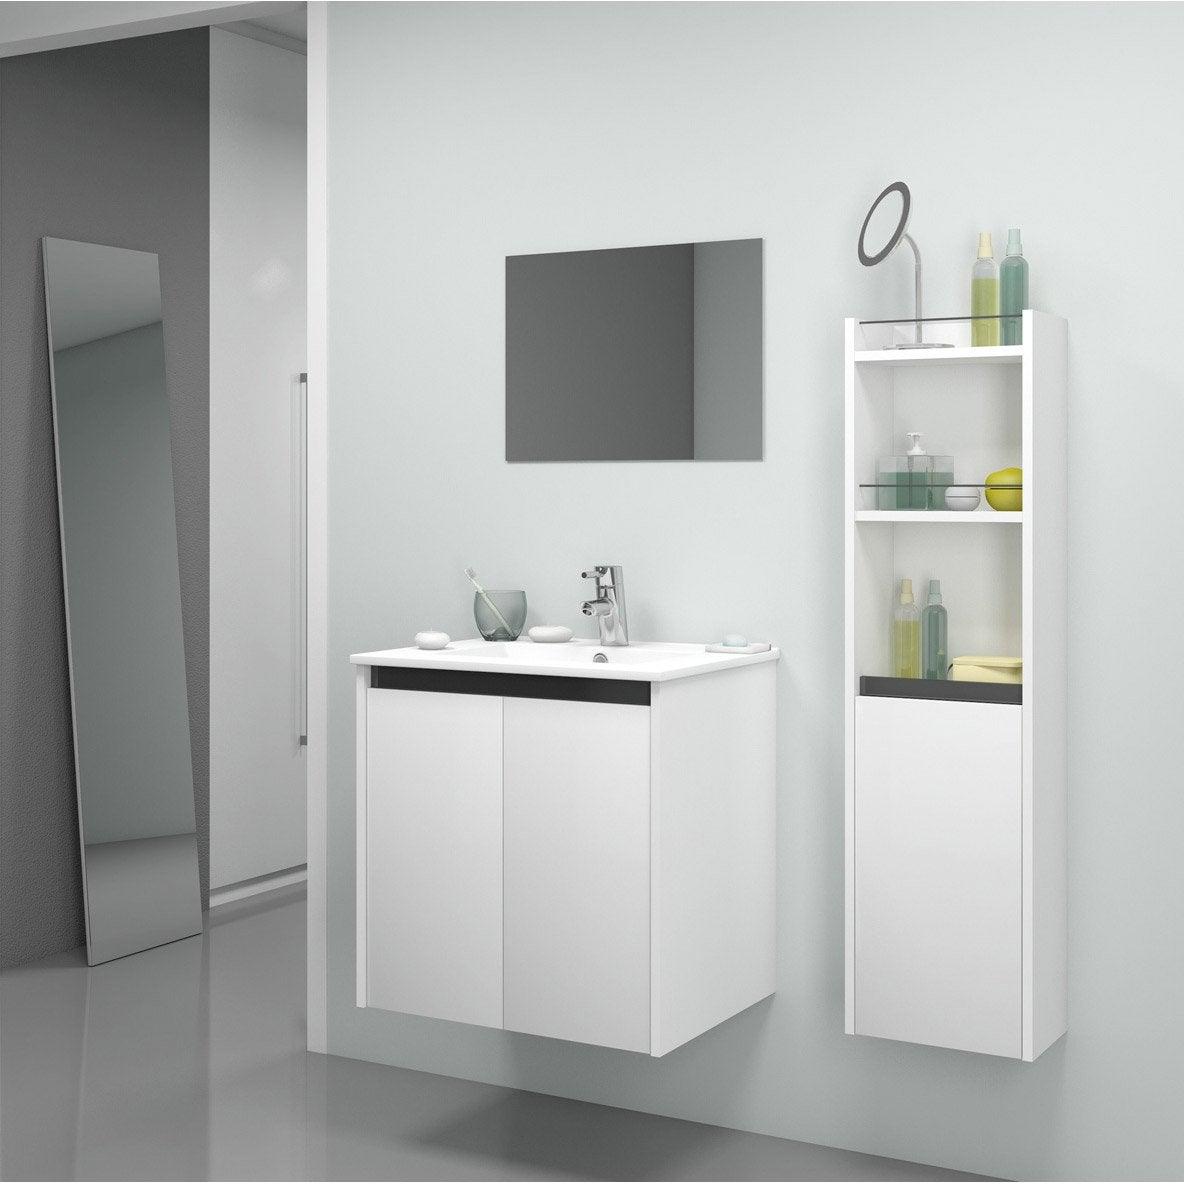 Meuble de salle de bains first blanc 61x46 cm 2 portes for Porte meuble salle de bain leroy merlin